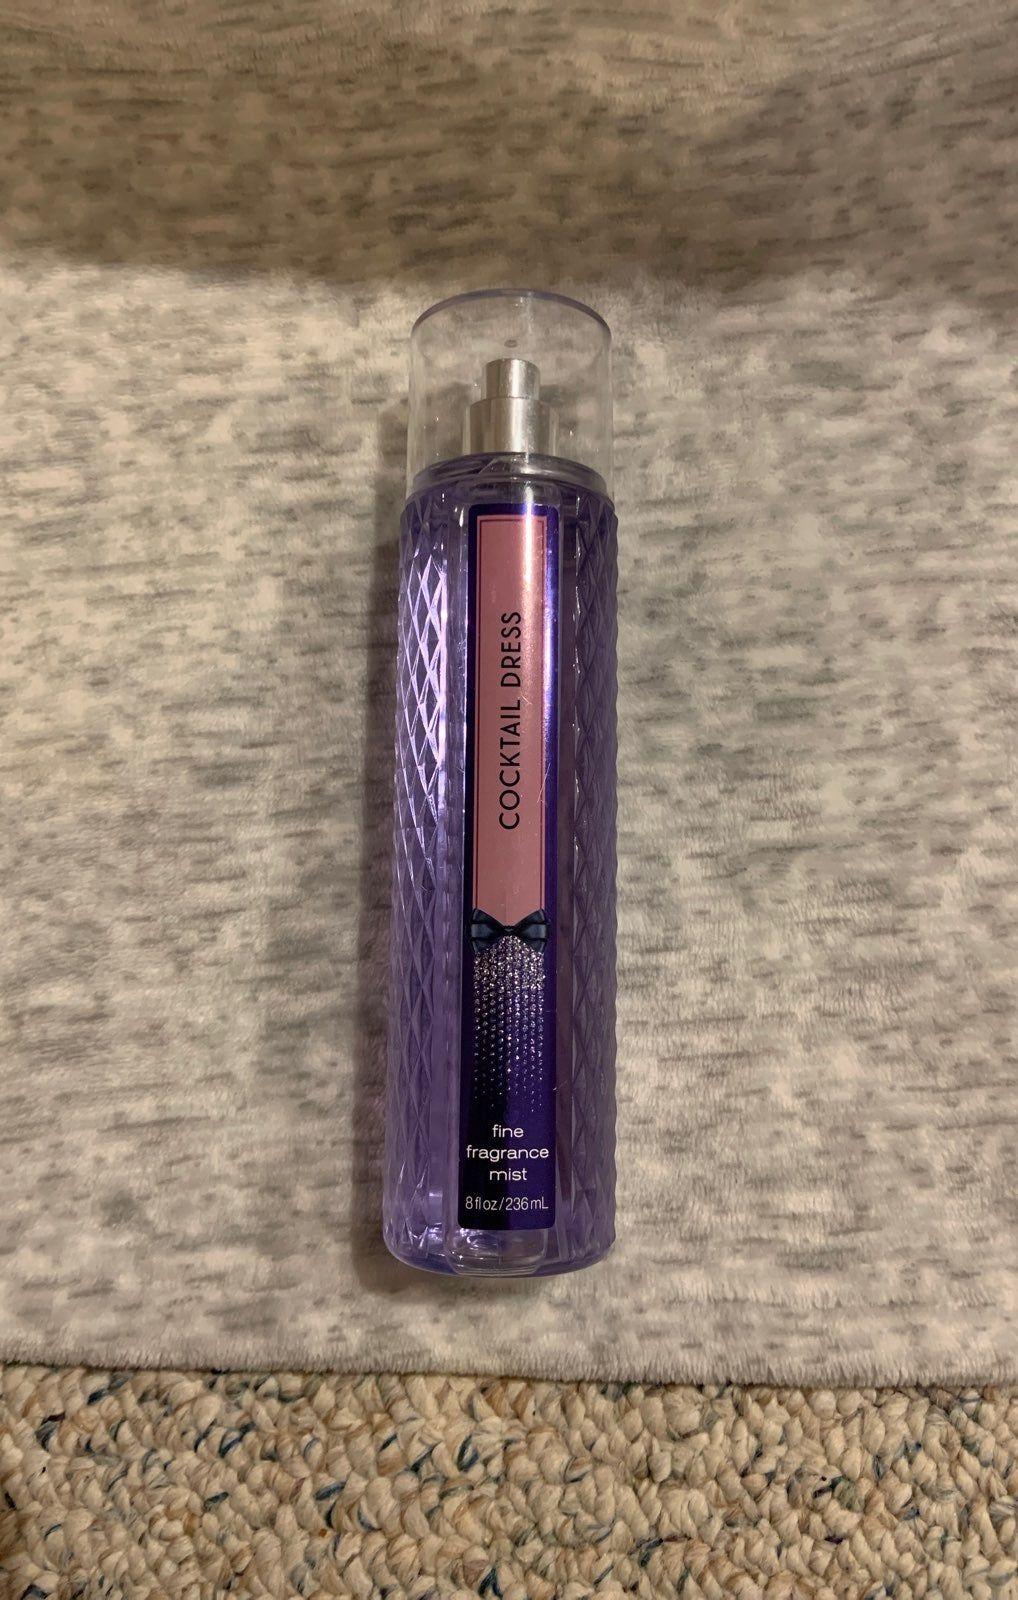 Sprayed 3 4 Times Great Condition Body Spray Bath And Body Works Spray [ 1600 x 1018 Pixel ]